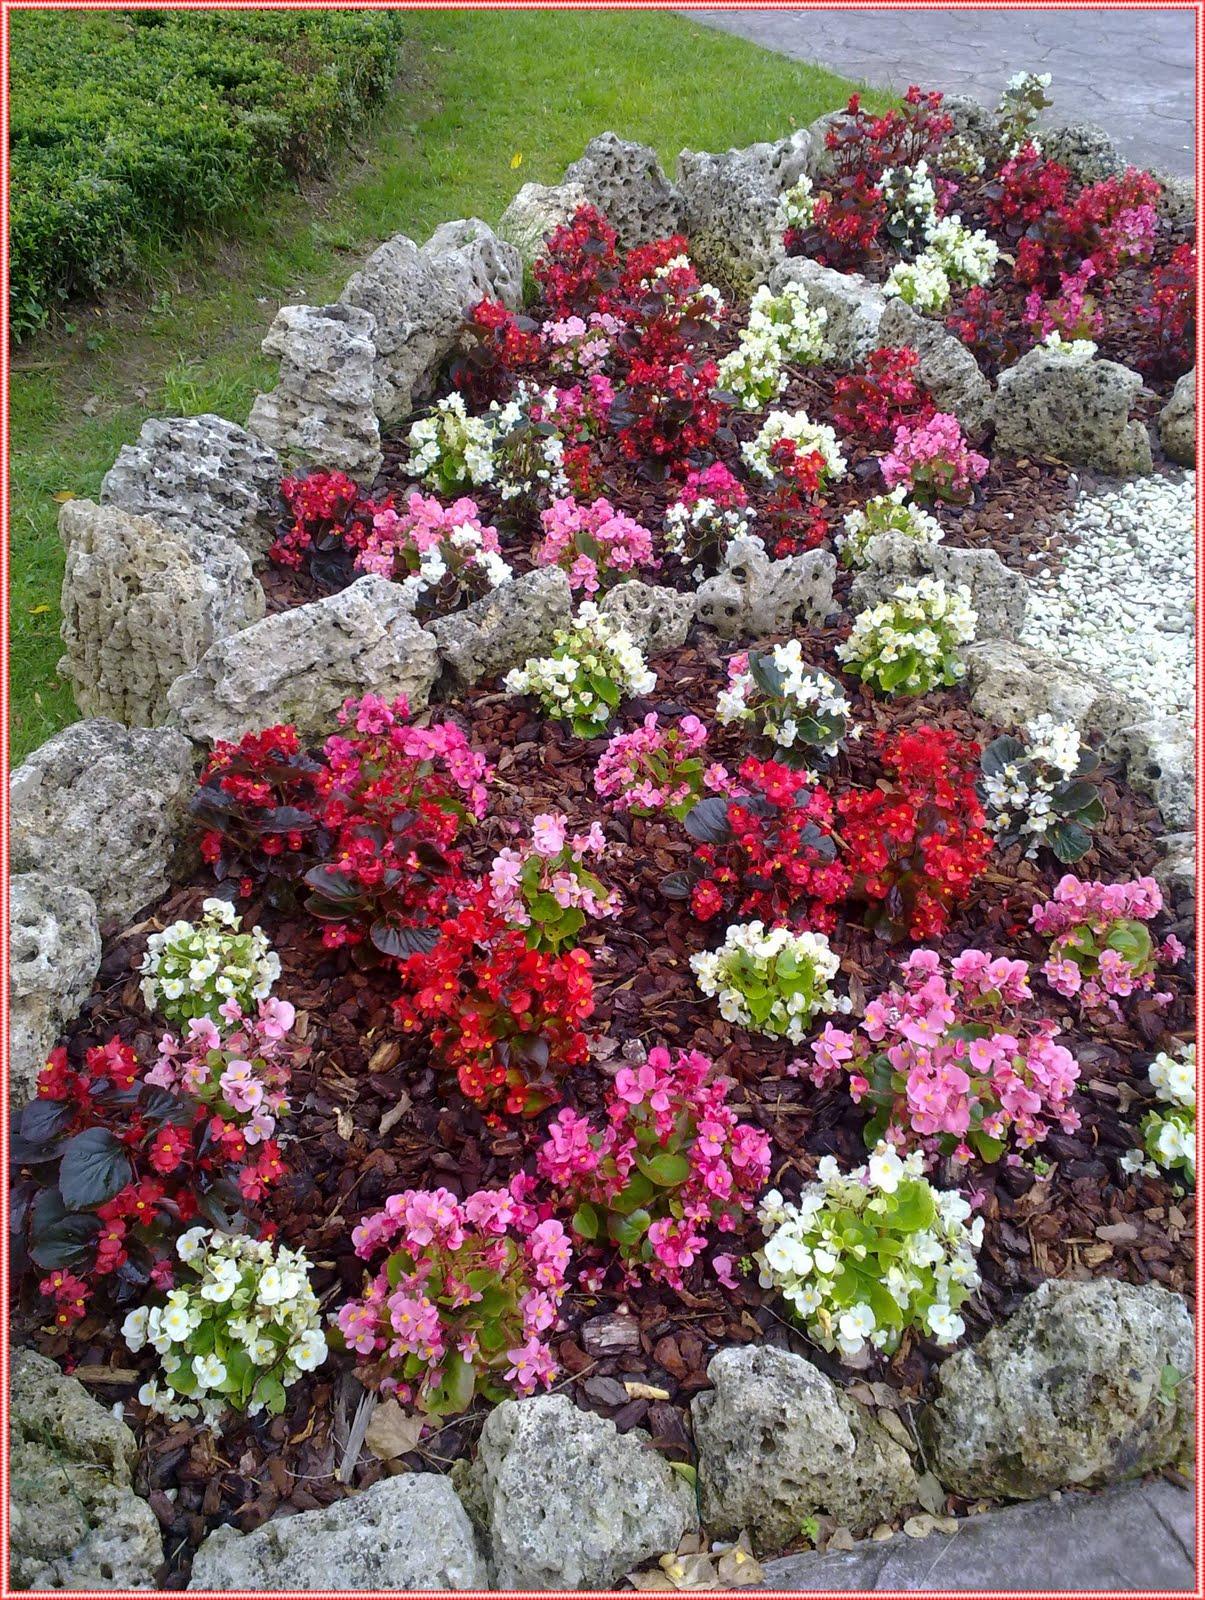 Taller de empleo cabez n de la sal rocalla conde san diego for Jardineria cantabria